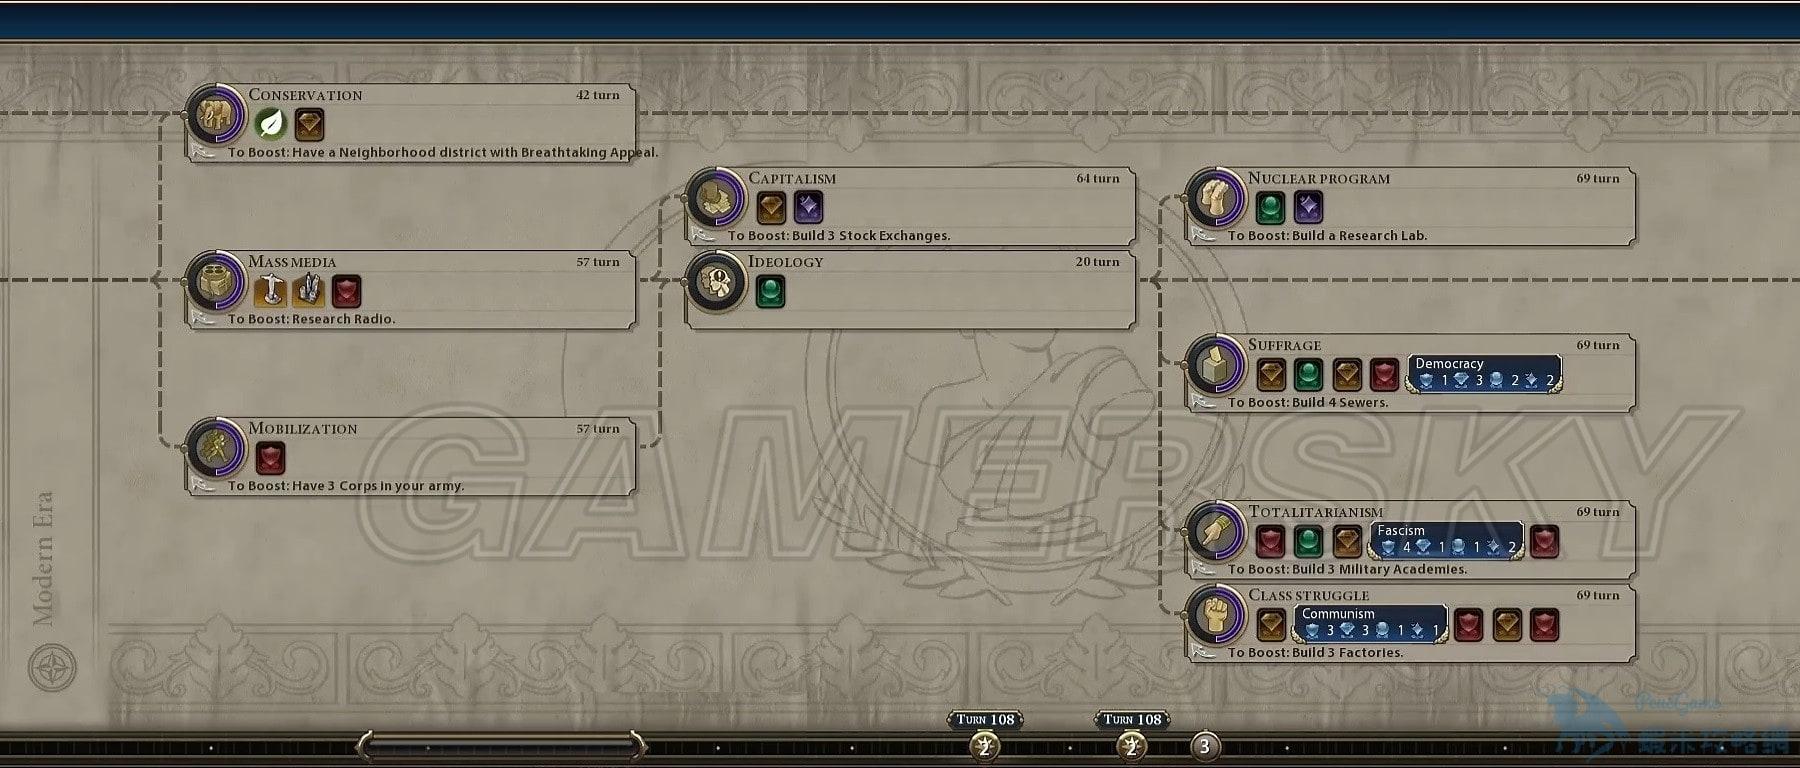 文明帝國 6 全科技、人文資料百科 科技樹、人文樹